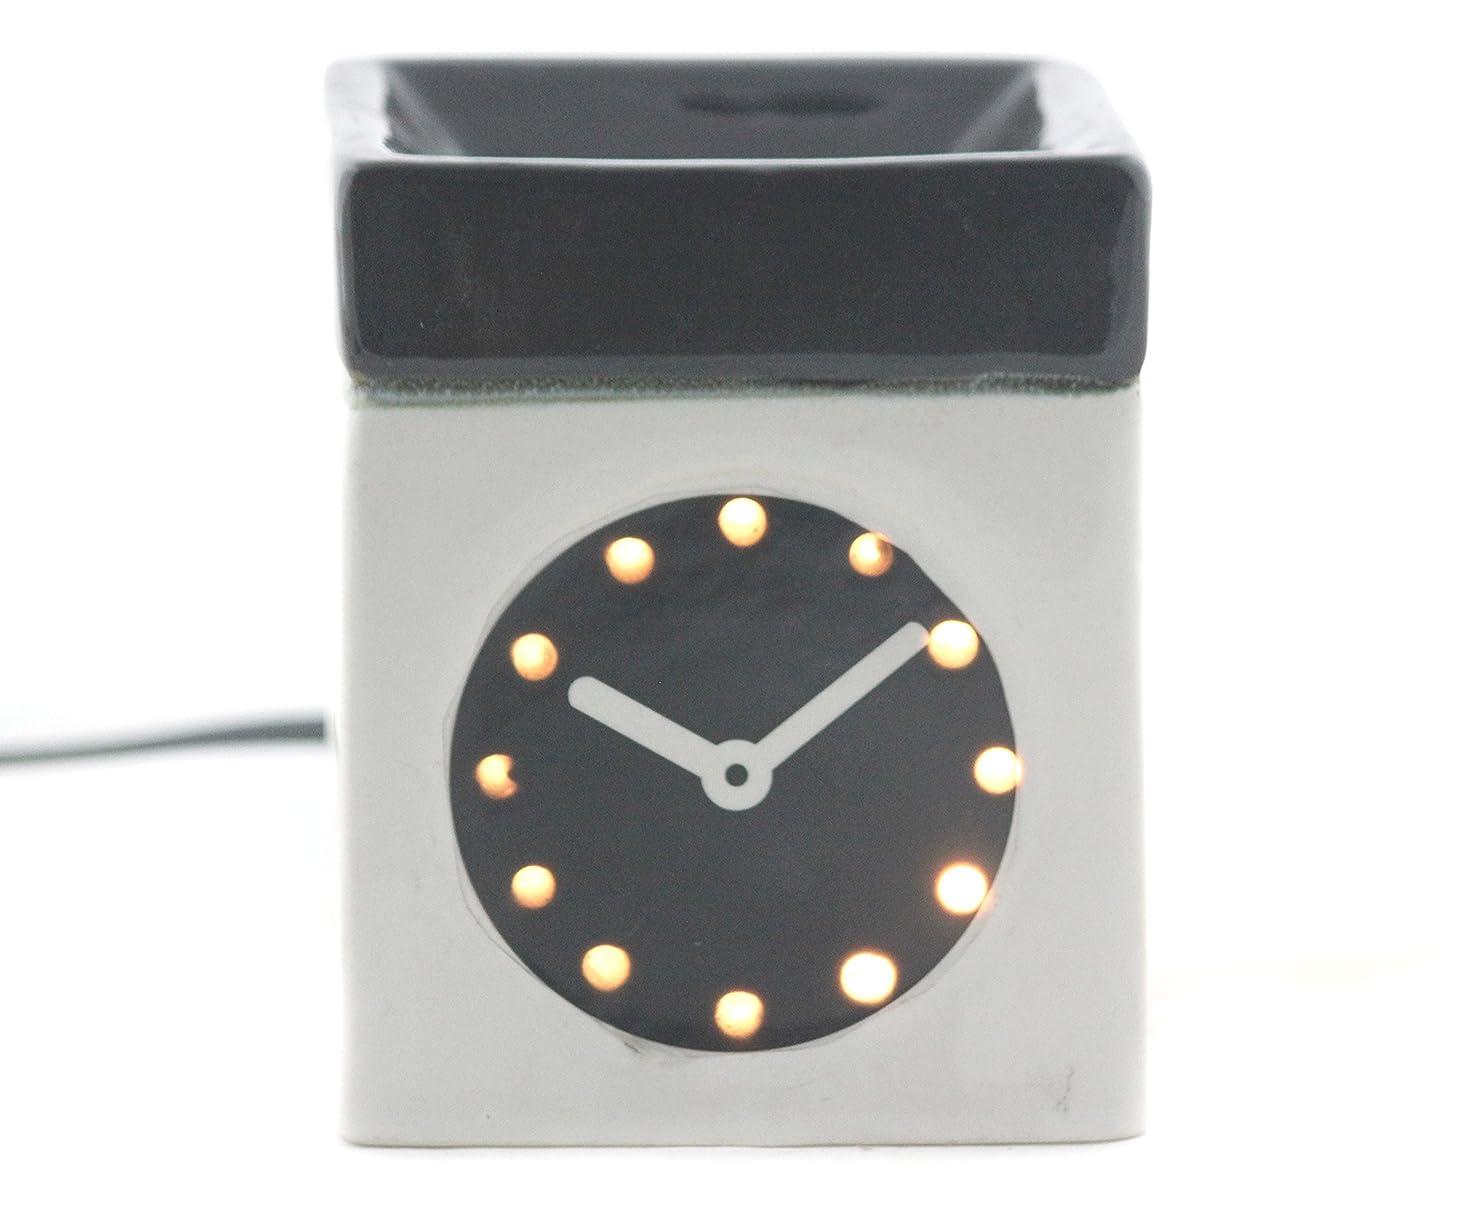 有彩色のライラック定数Karguzzari セラミック 電気 アロマディフューザー ワイヤー オイルウォーマー ディスペンサー コード付き アロマ オイルバーナー エッセンシャルオイル ディフューザー アロマセラピー ランプ 腕時計 OCER-105